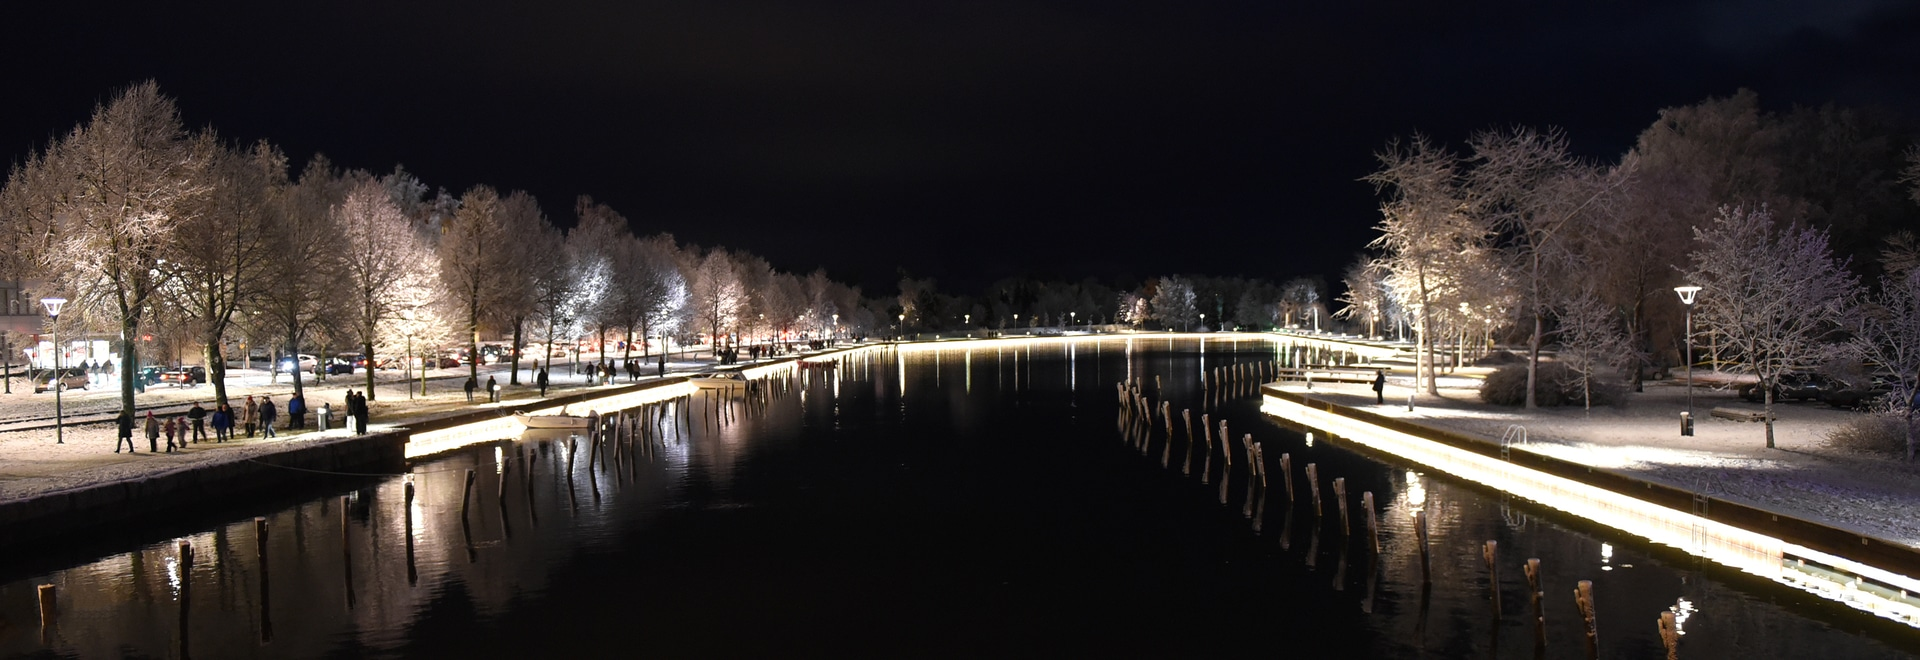 progetto del liniLED® | Uusikaupunki, Finlandia